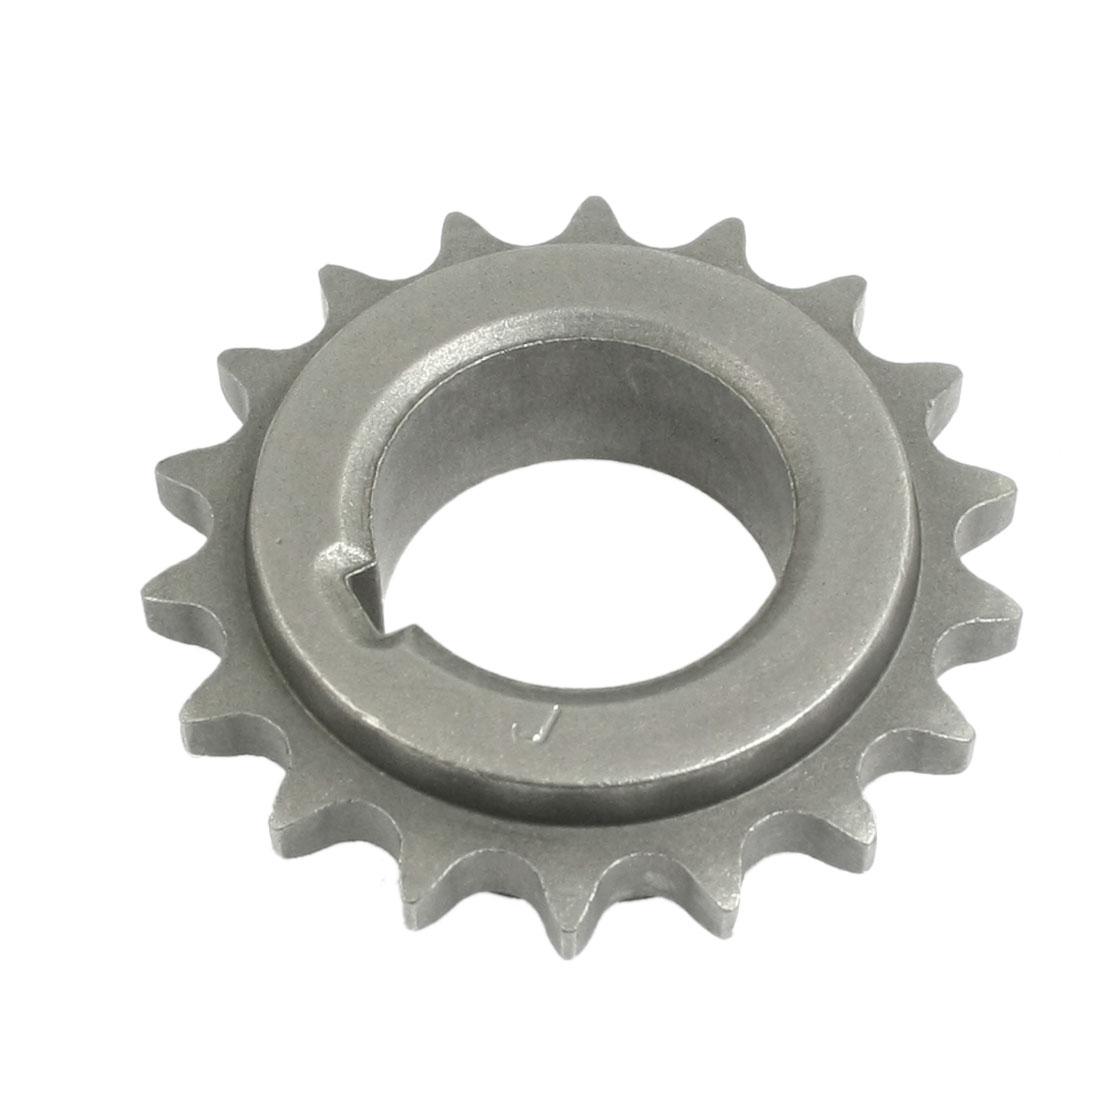 13021-53Y01 Engine Timing Crankshaft Gear Drive Camshaft Sprocket for Vehicles